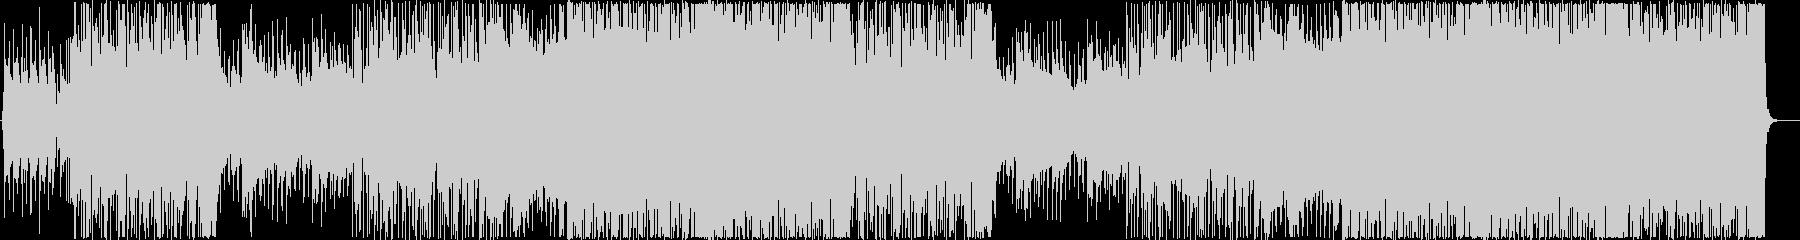 和風ロック系インストの未再生の波形